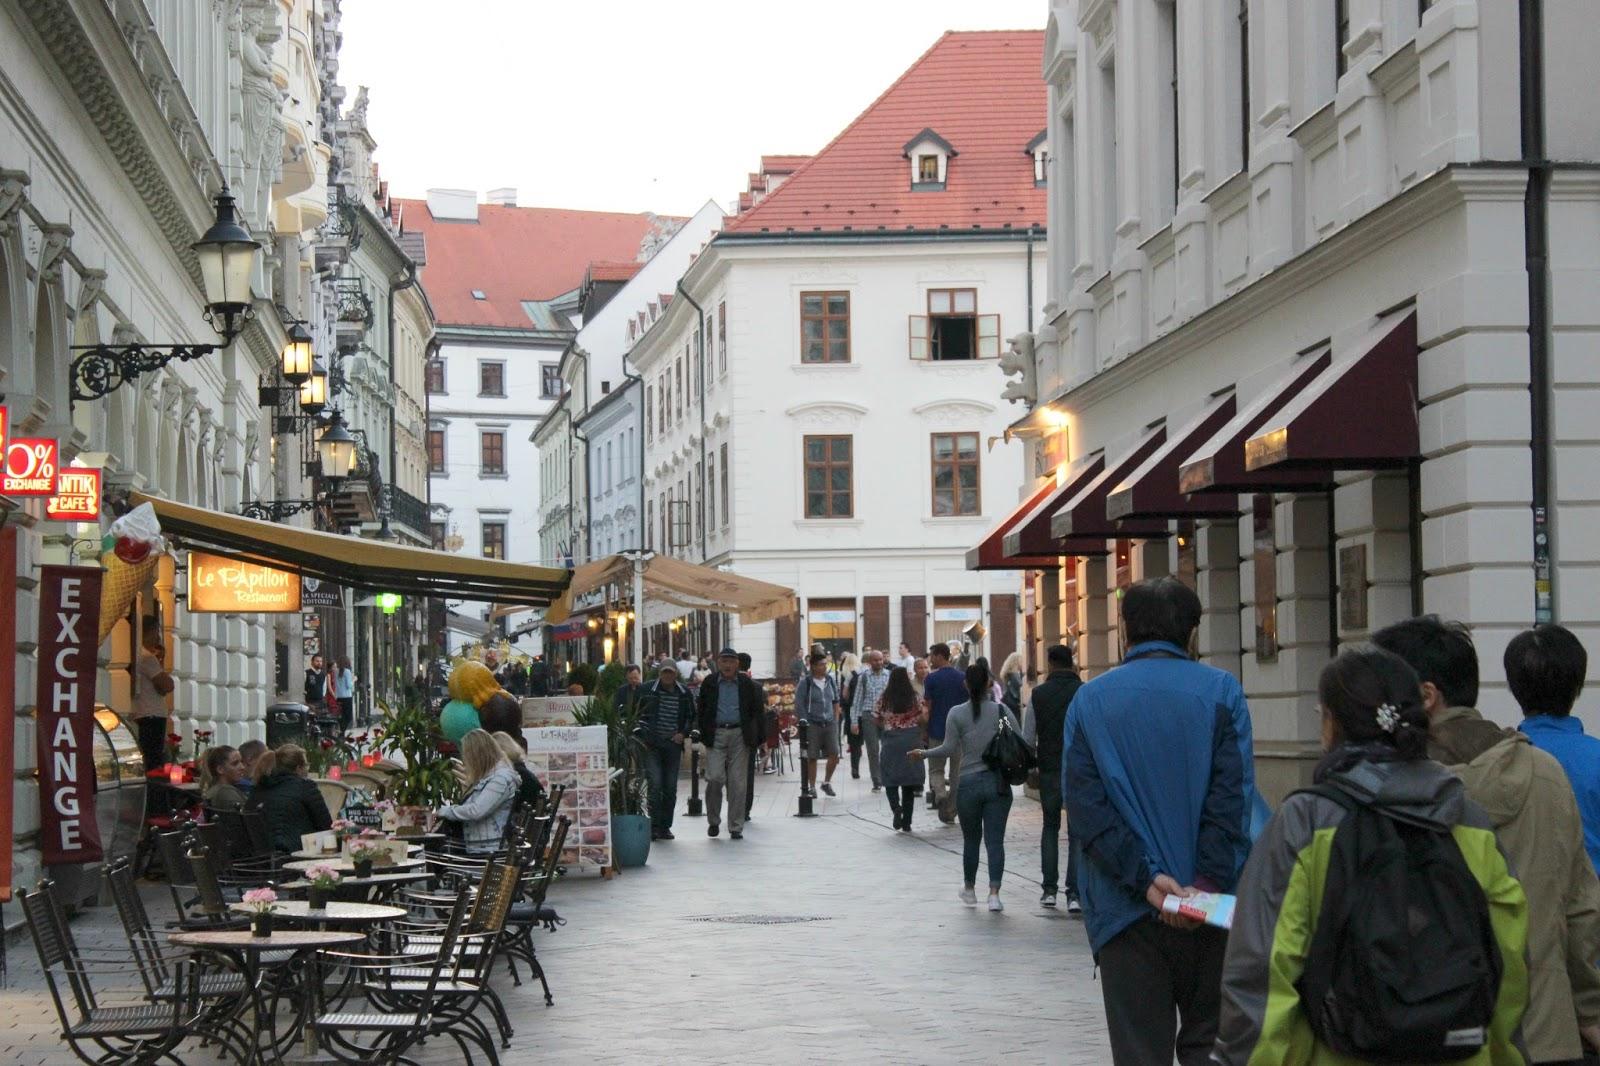 ραντεβού Μπρατισλάβα Σλοβακία